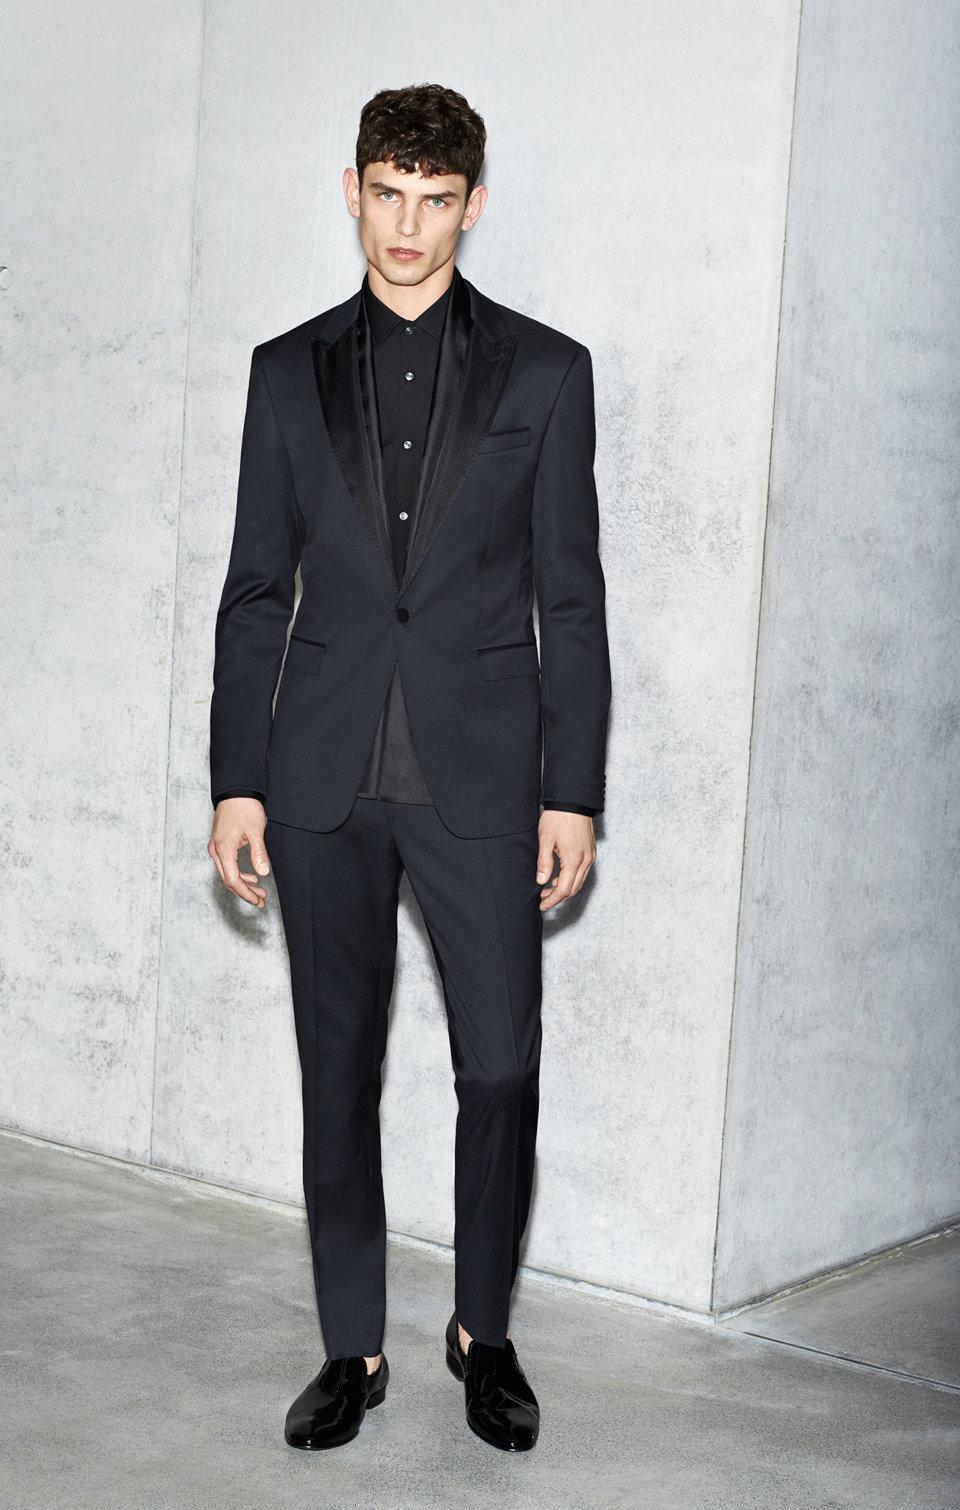 Dunkelblauer Anzug kombiniert mit dunkelblauem Hemd vonBOSS